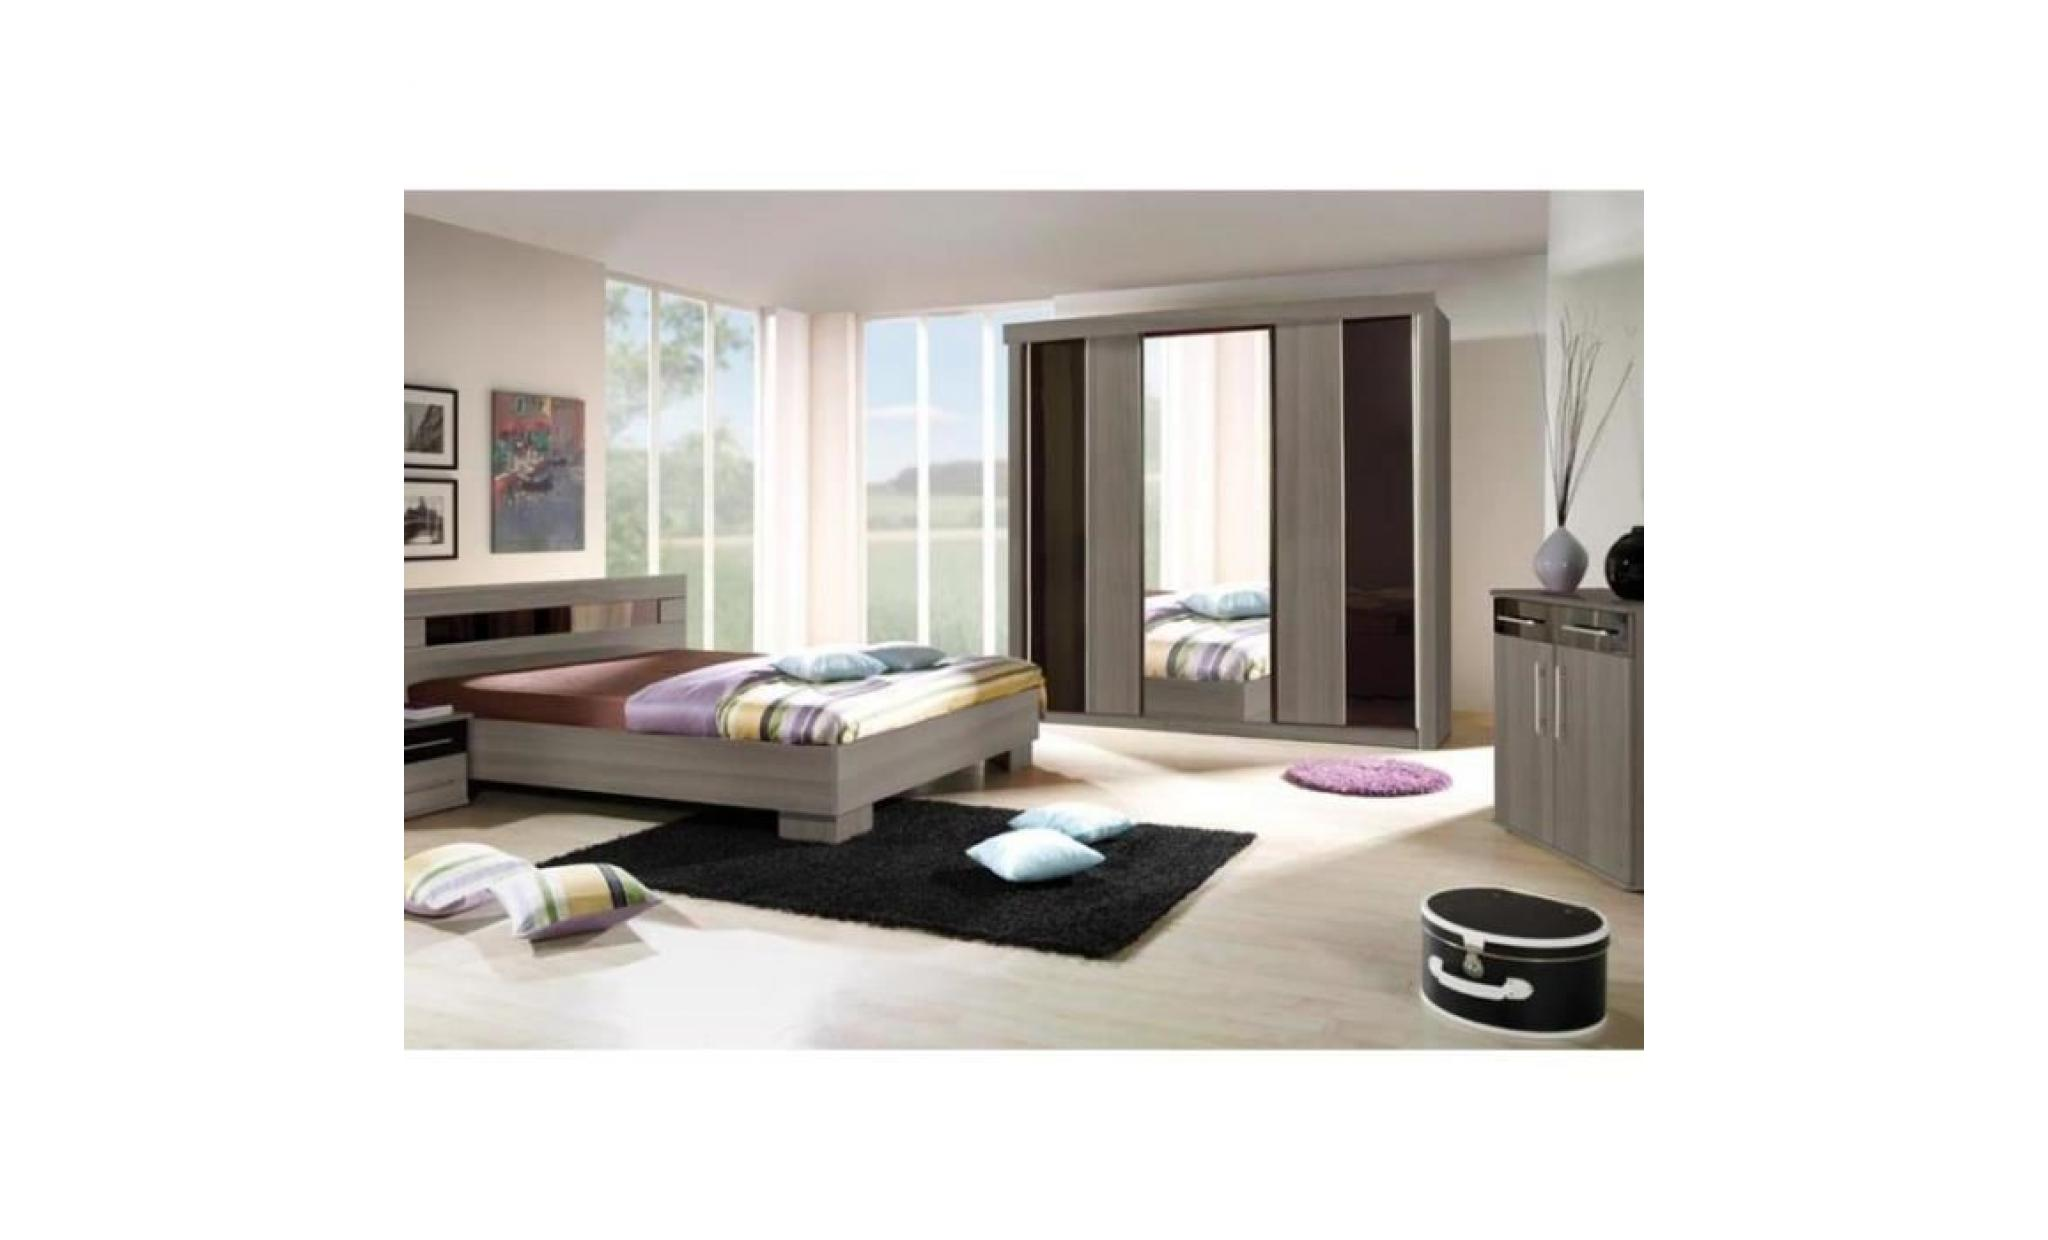 Chambre à coucher complète DUBLIN adulte design. Lit 180x200 cm + armoire +  commode + 2 chevets